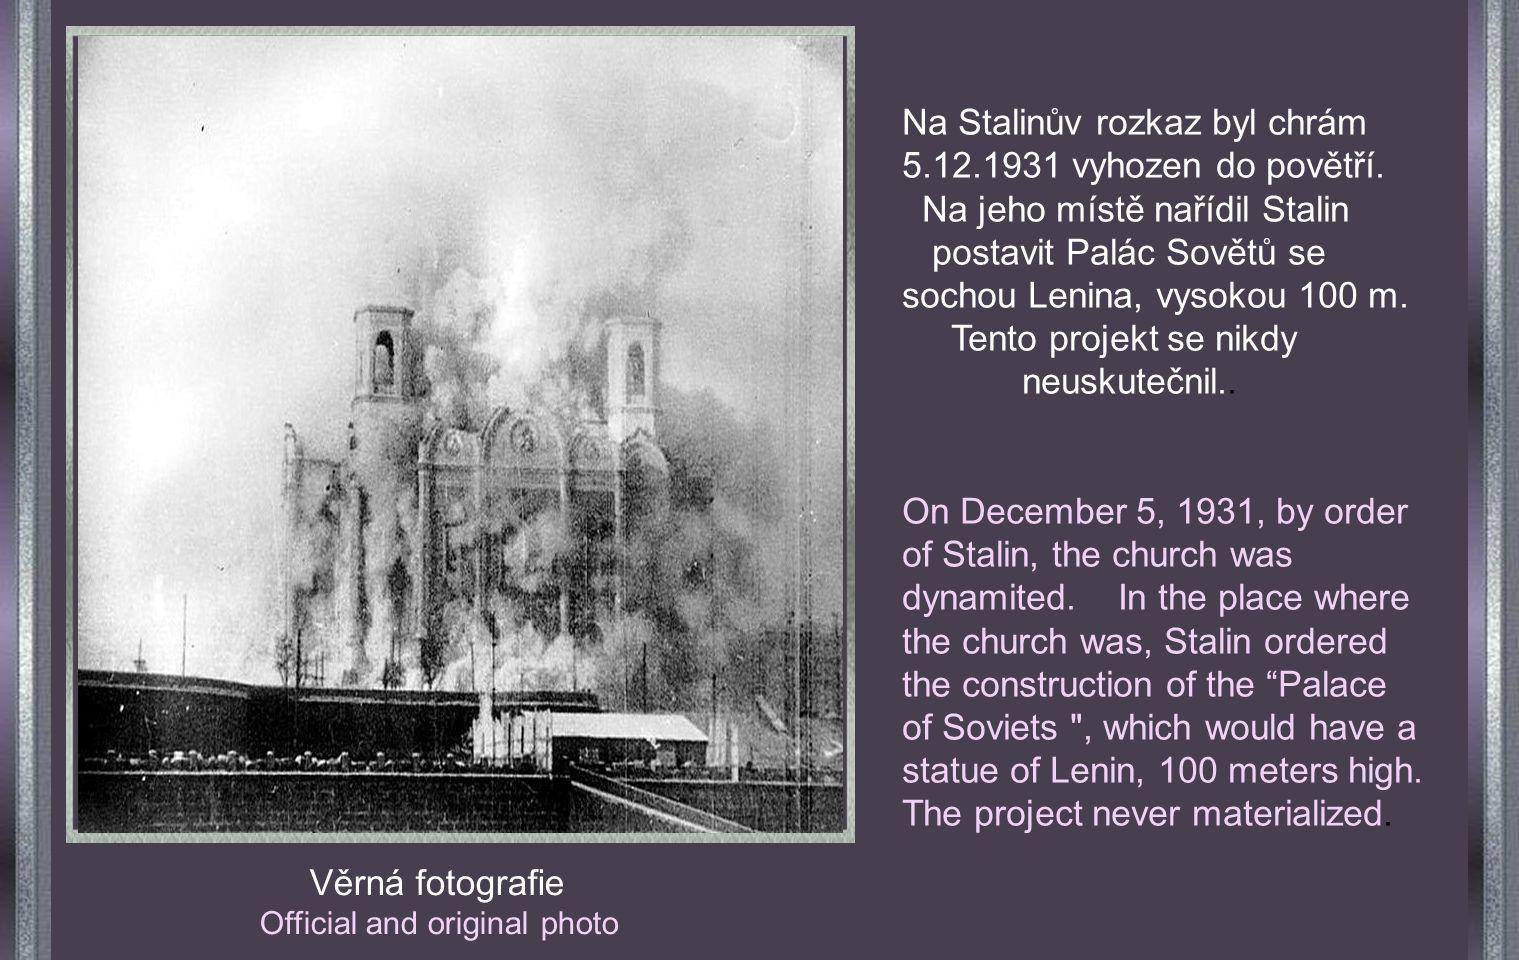 Stavba trvala 44 roků.Byl otevřen 20.5.1883 v den korunovace cara Alexandra III.